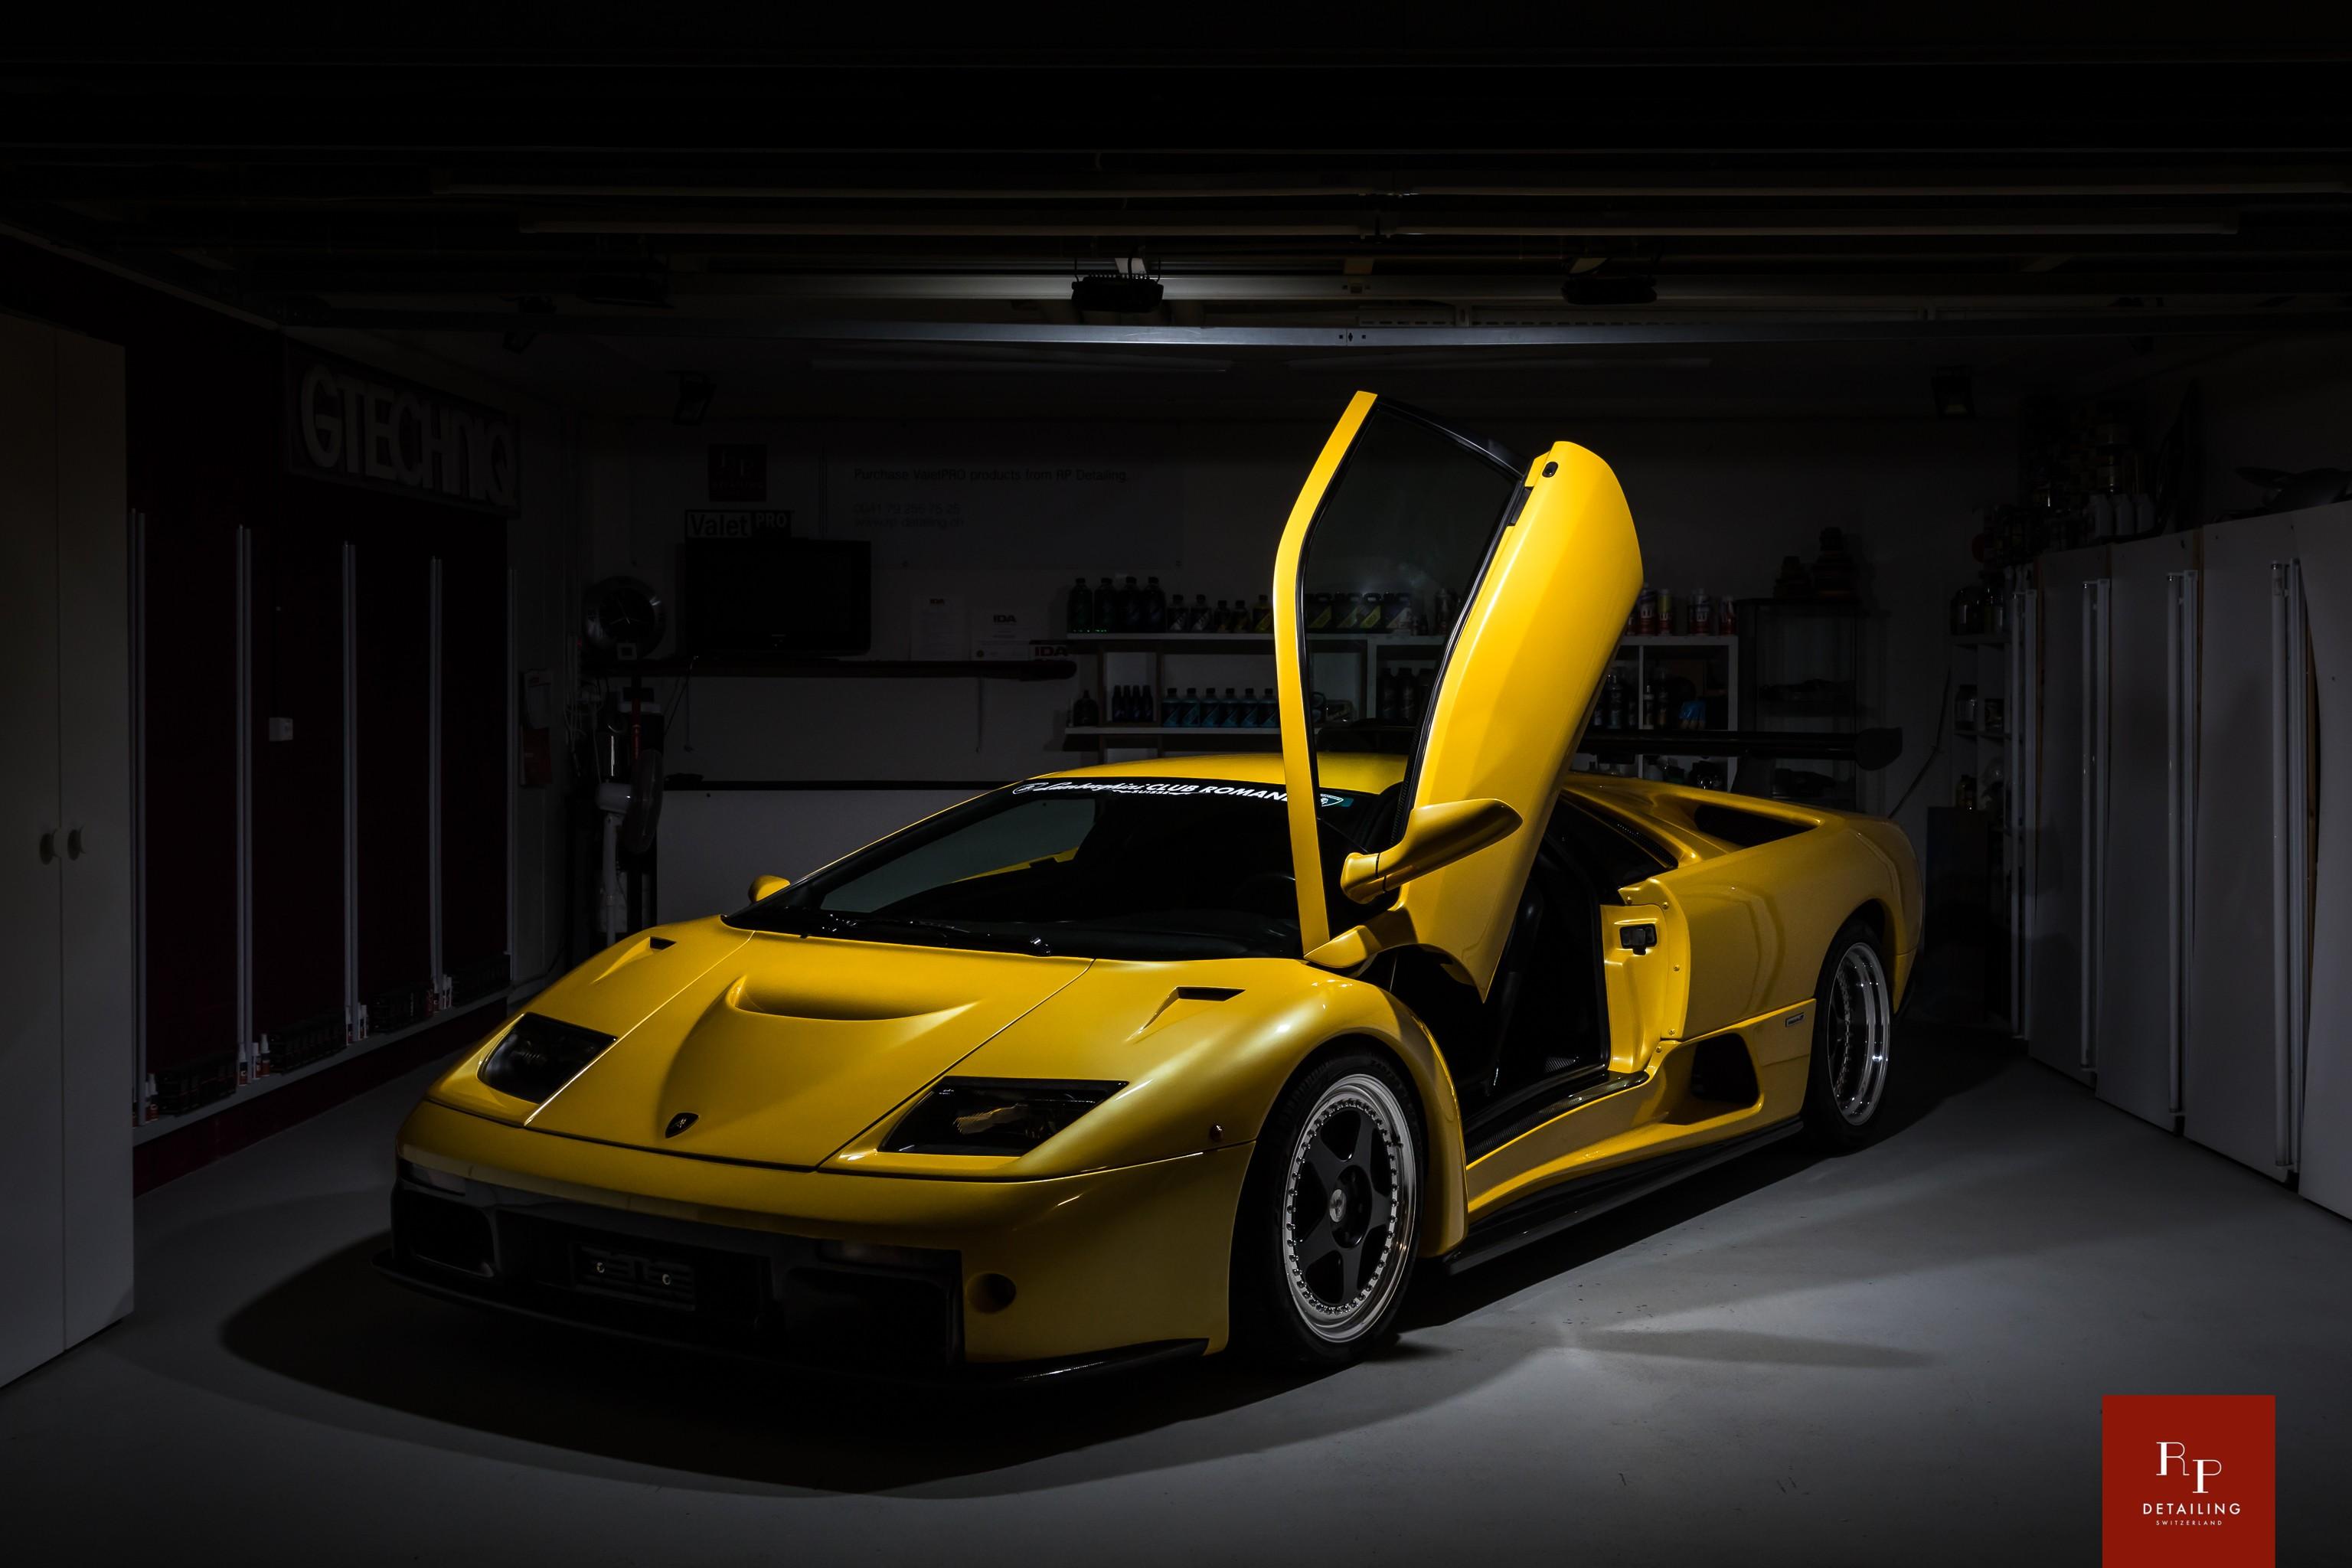 Lamborghini Diablo GT by rp-detailing